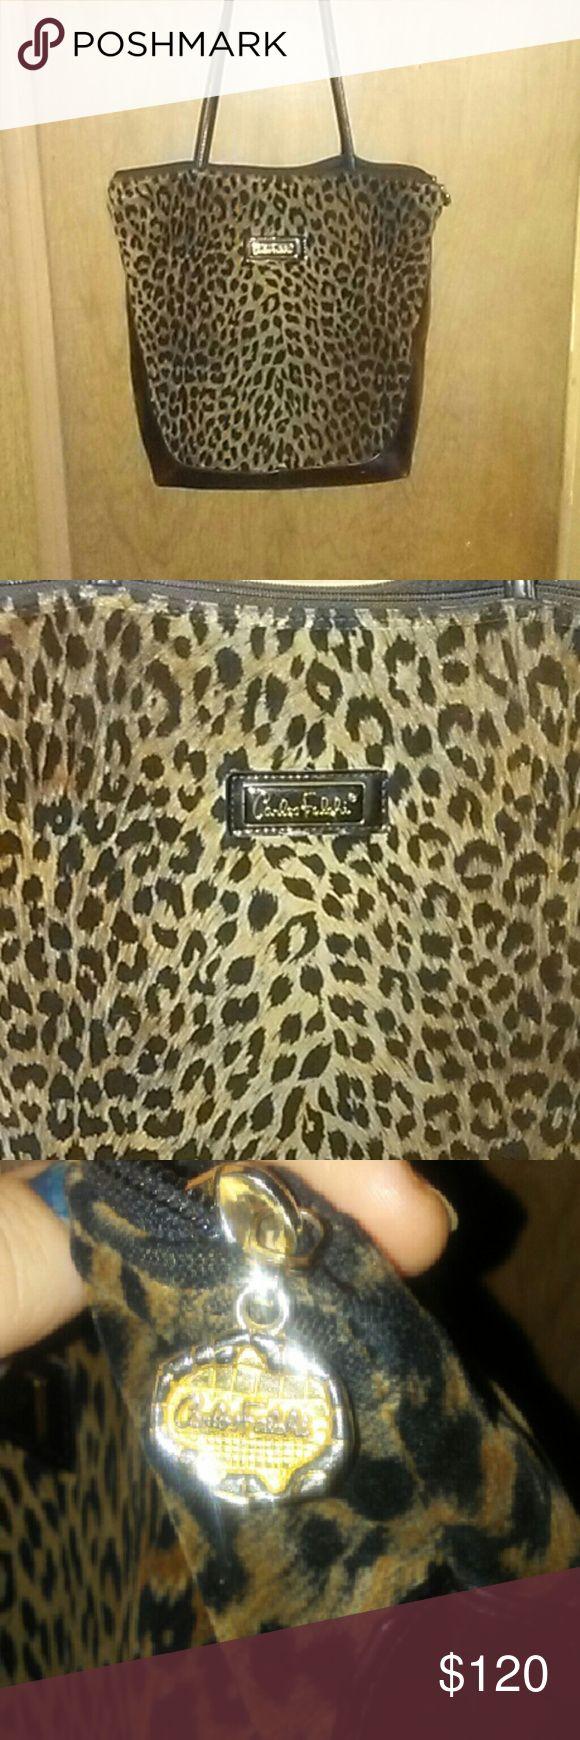 Authentic Carlos Falchi jaguar skin tote Authentic Carlos Falchi jaguar skin tote carlos falchi Bags Totes